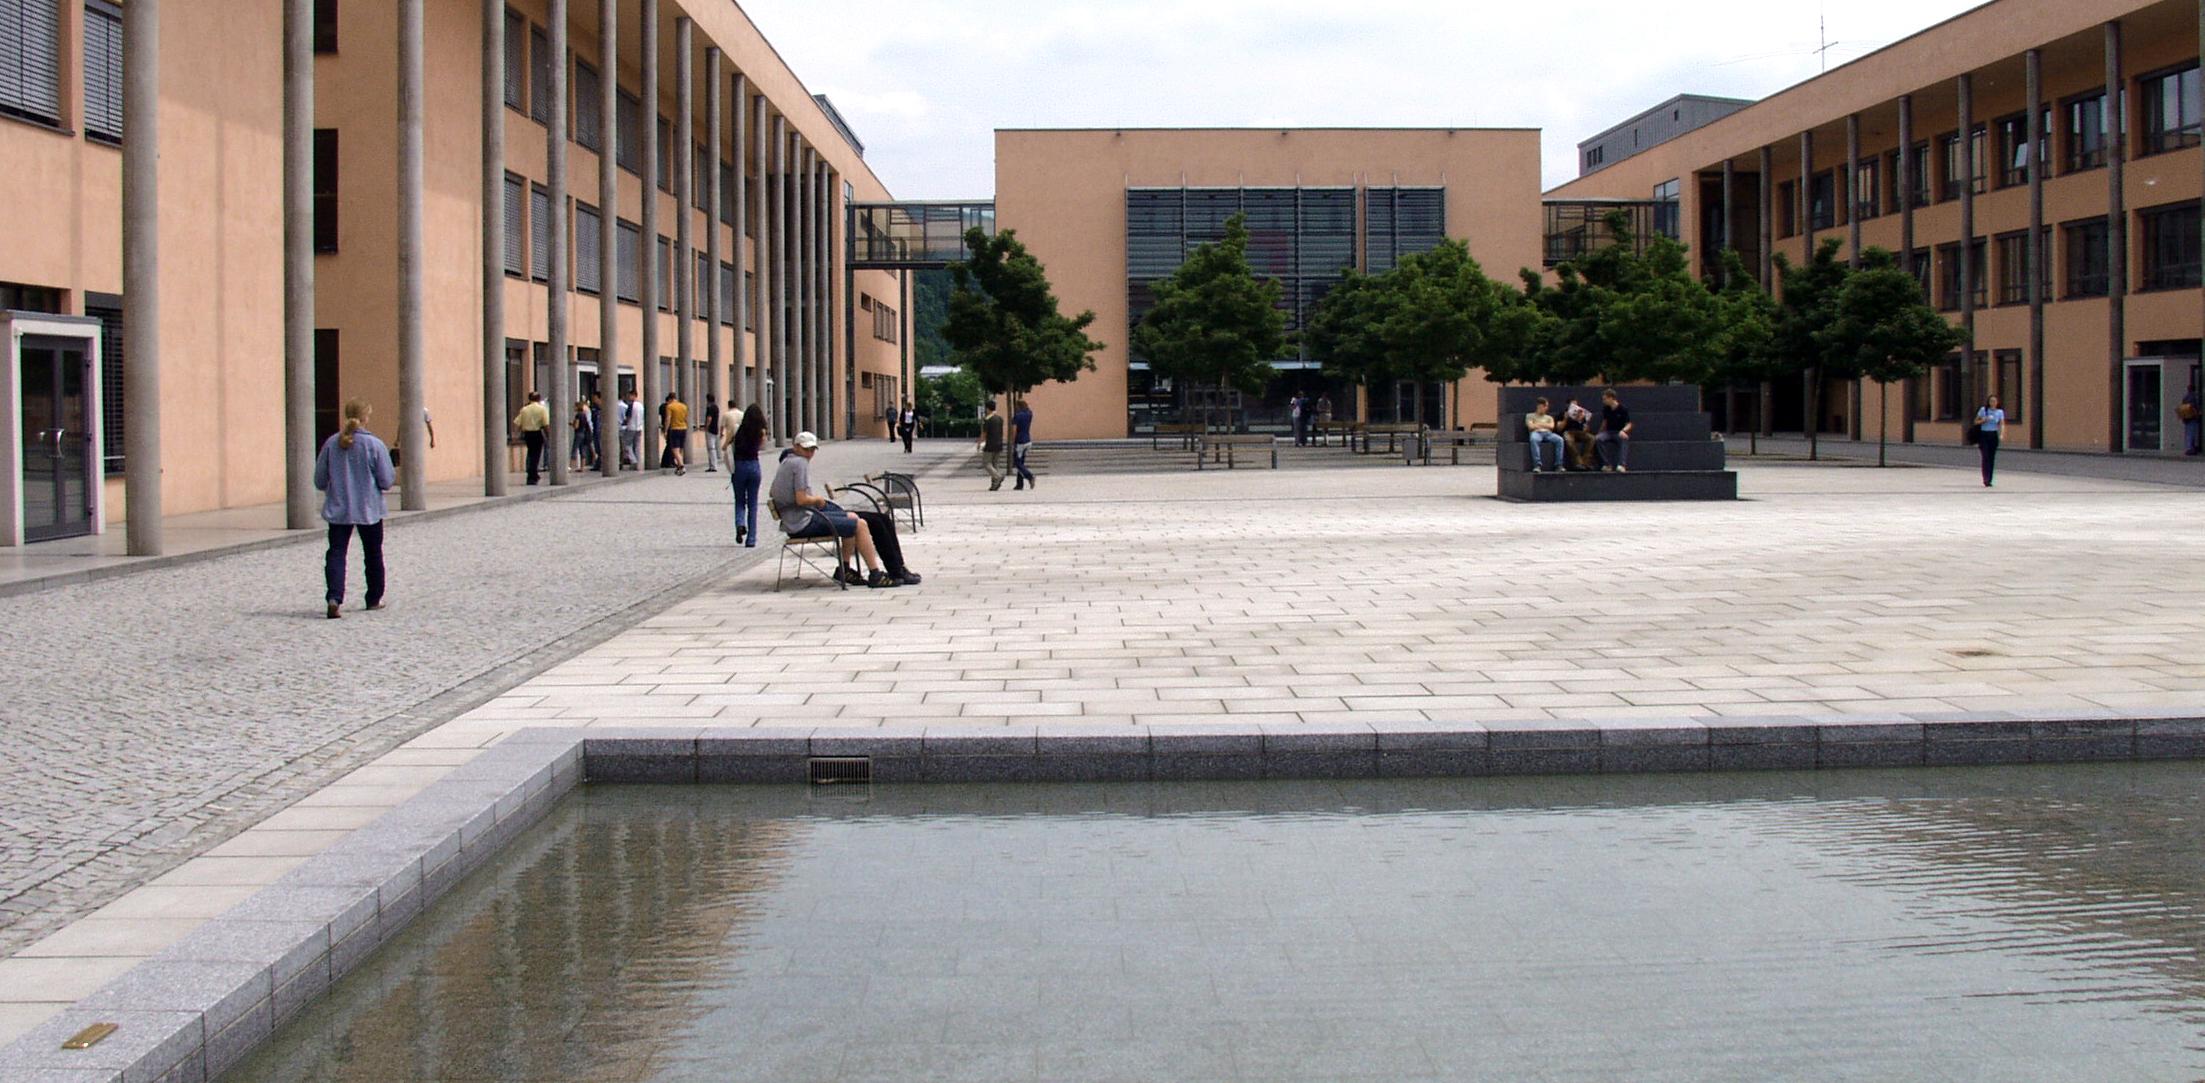 بورسیه موسسه دگجندورف آلمان